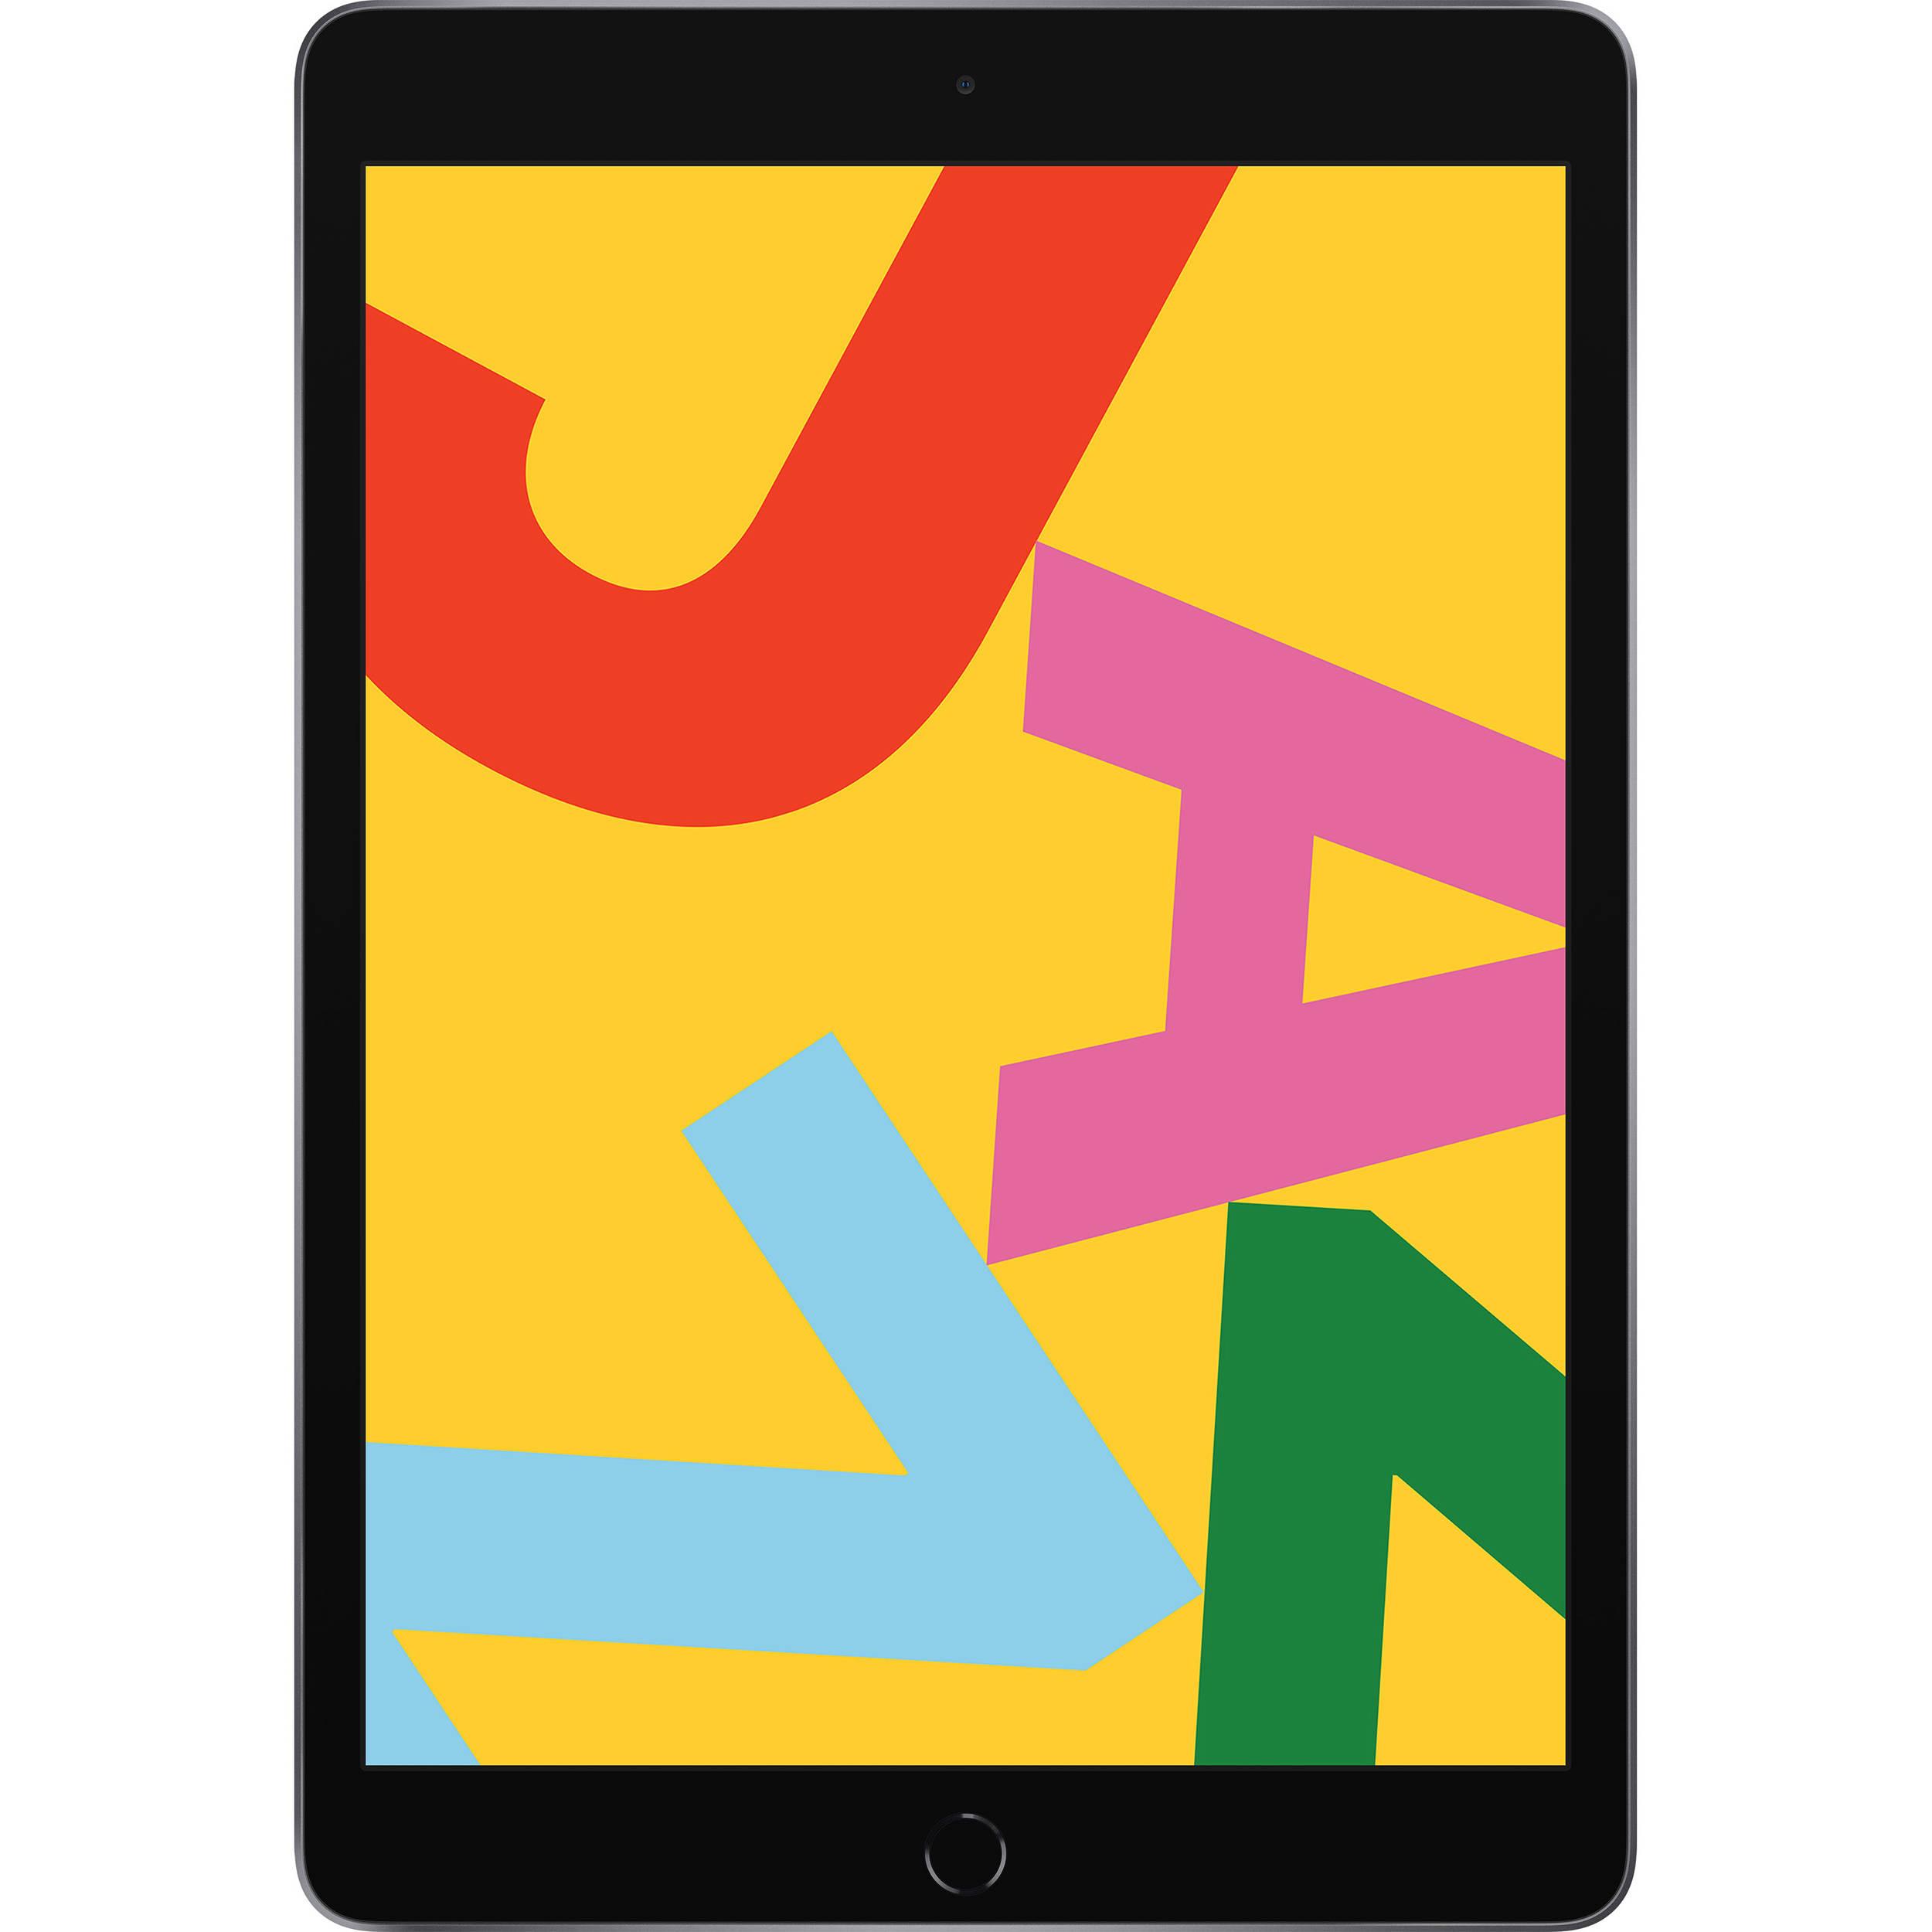 خرید ارزان تبلت اپل مدل iPad 10.2 inch 2019 WiFi ظرفیت 128 گیگابایت